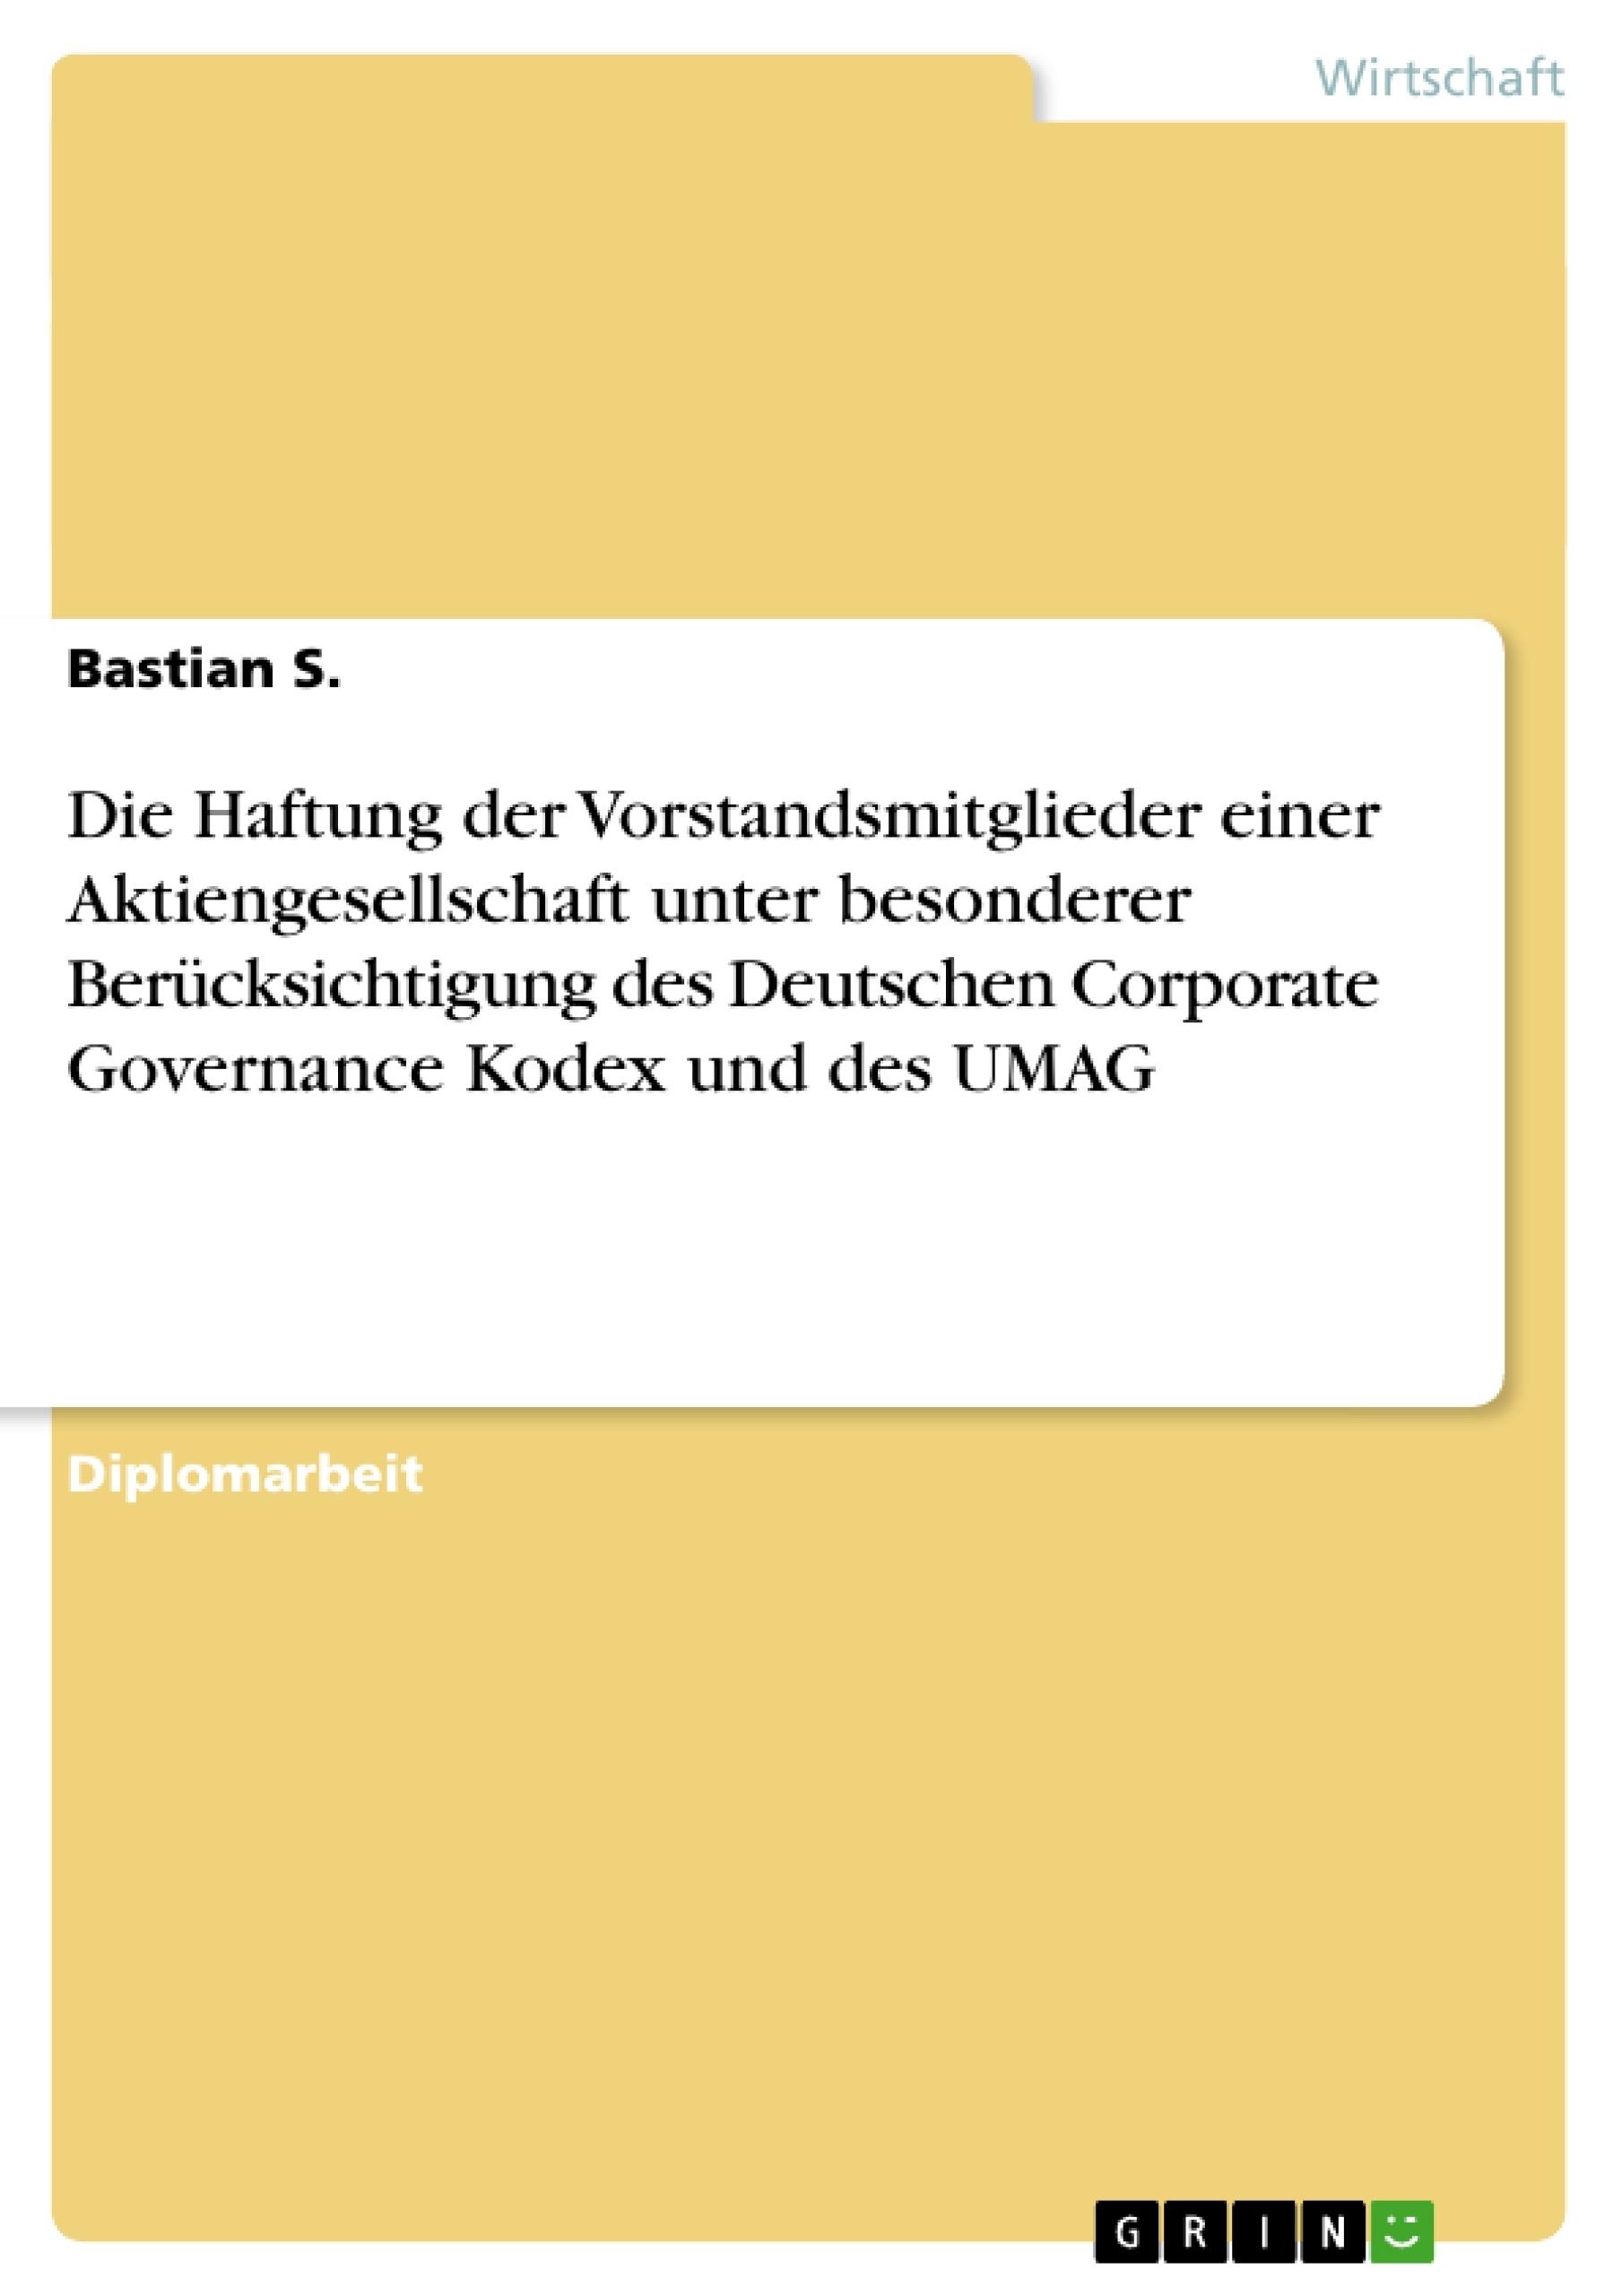 Titel: Die Haftung der Vorstandsmitglieder einer Aktiengesellschaft unter besonderer Berücksichtigung des Deutschen Corporate Governance Kodex und des UMAG